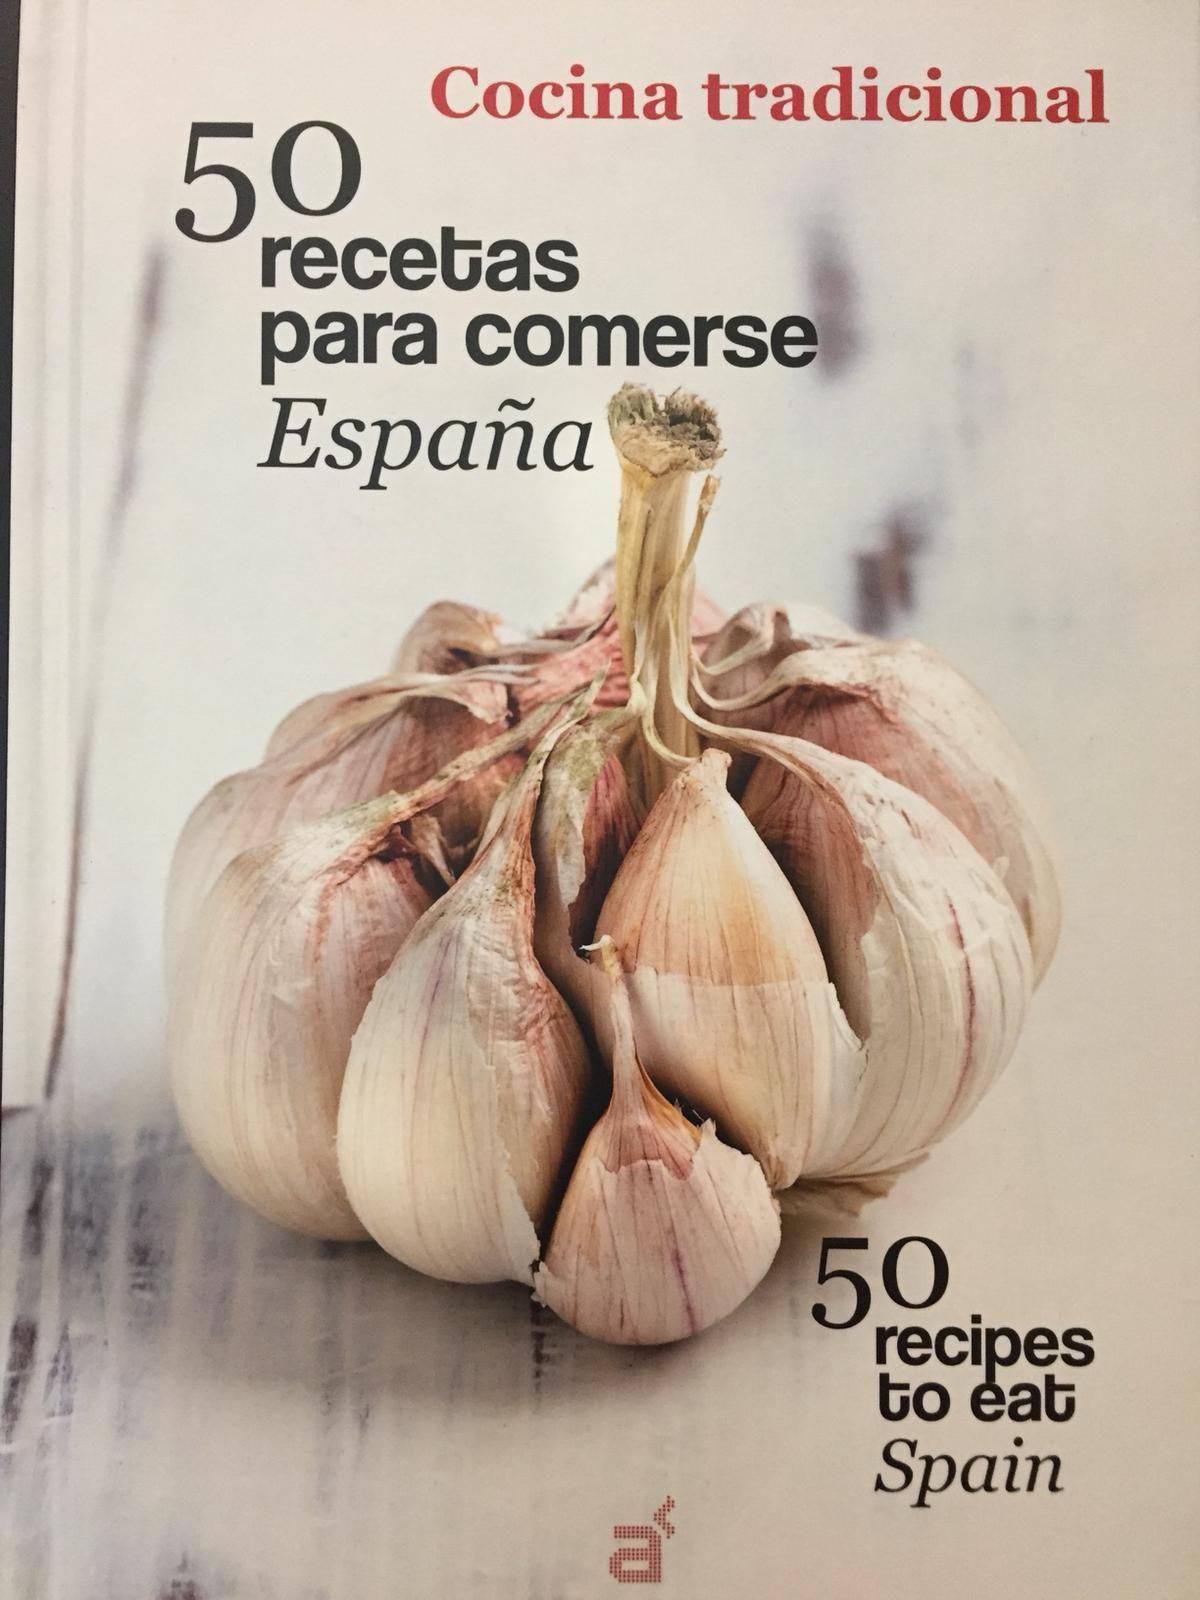 50 RECETAS PARA COMERSE ESPAÑA. COCINA TRADICIONAL